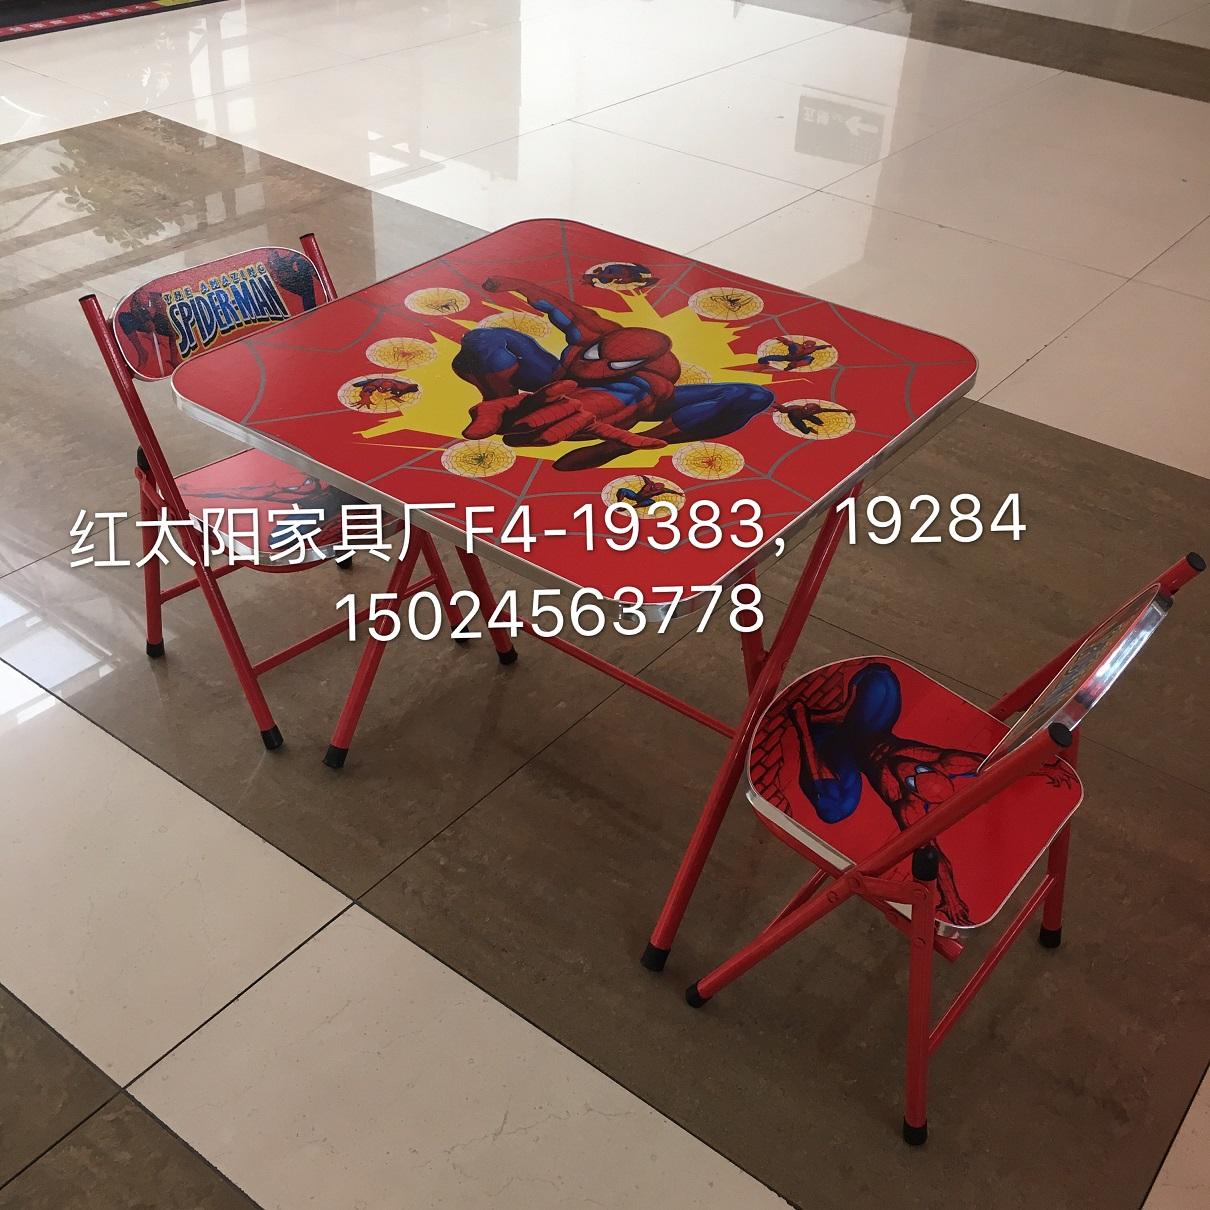 正方形卡通学习桌子加2张椅子 儿童课桌 小孩子双人写字桌